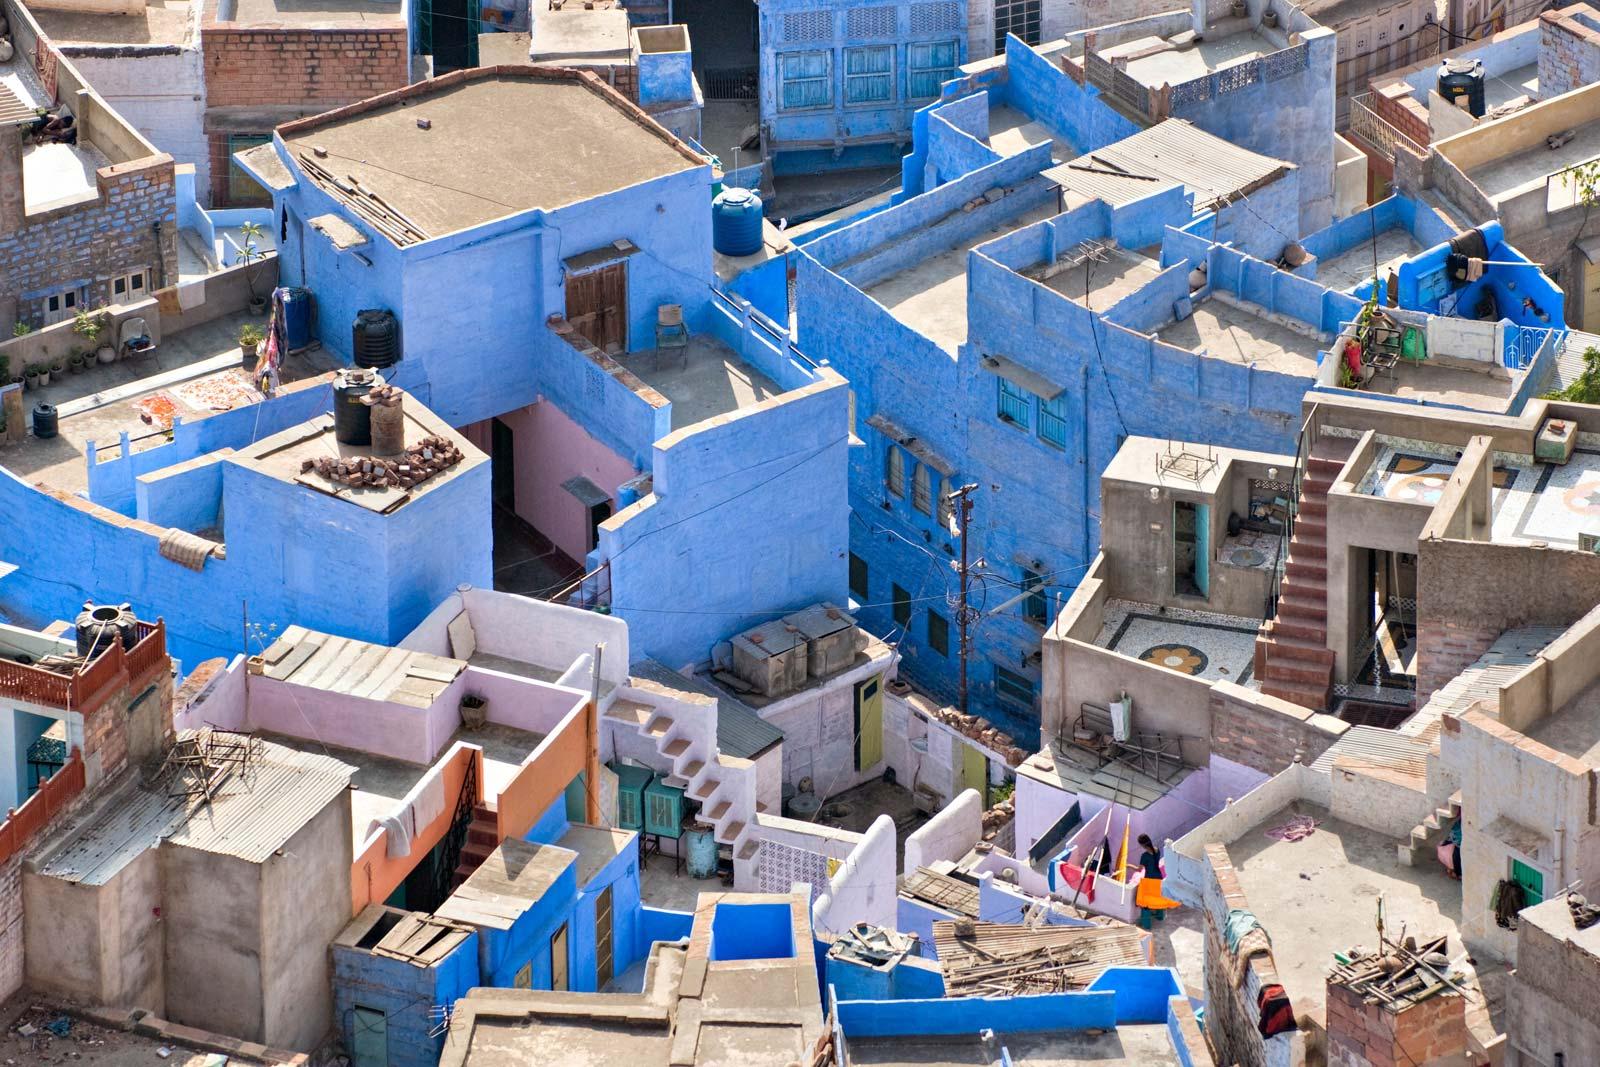 Улицы голубого города Джодхпур. Штат Раджастан